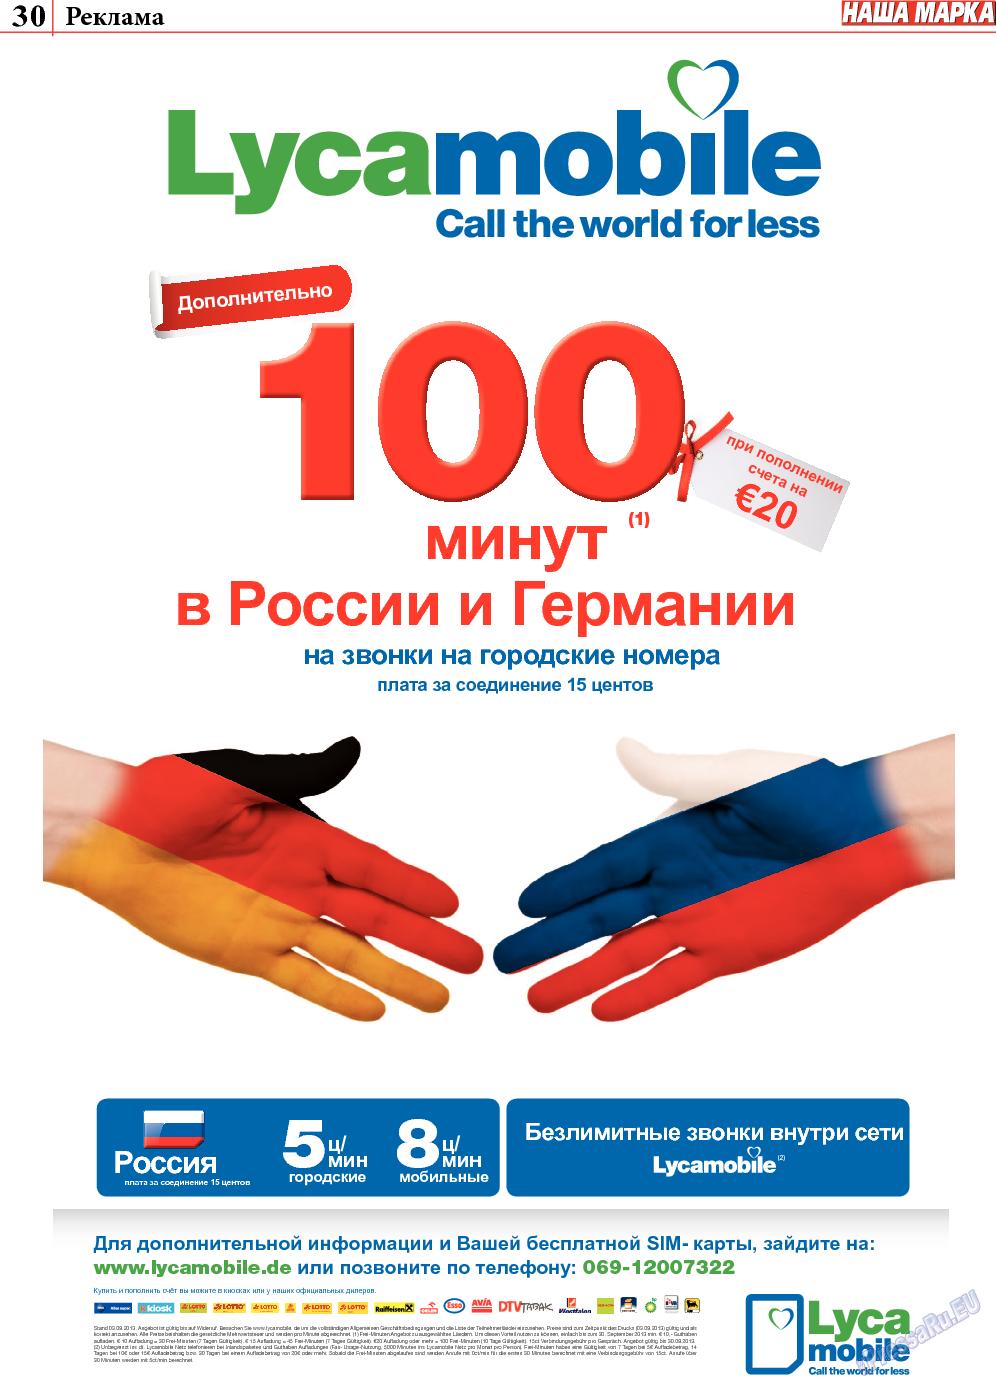 Наша марка (газета). 2013 год, номер 9, стр. 30